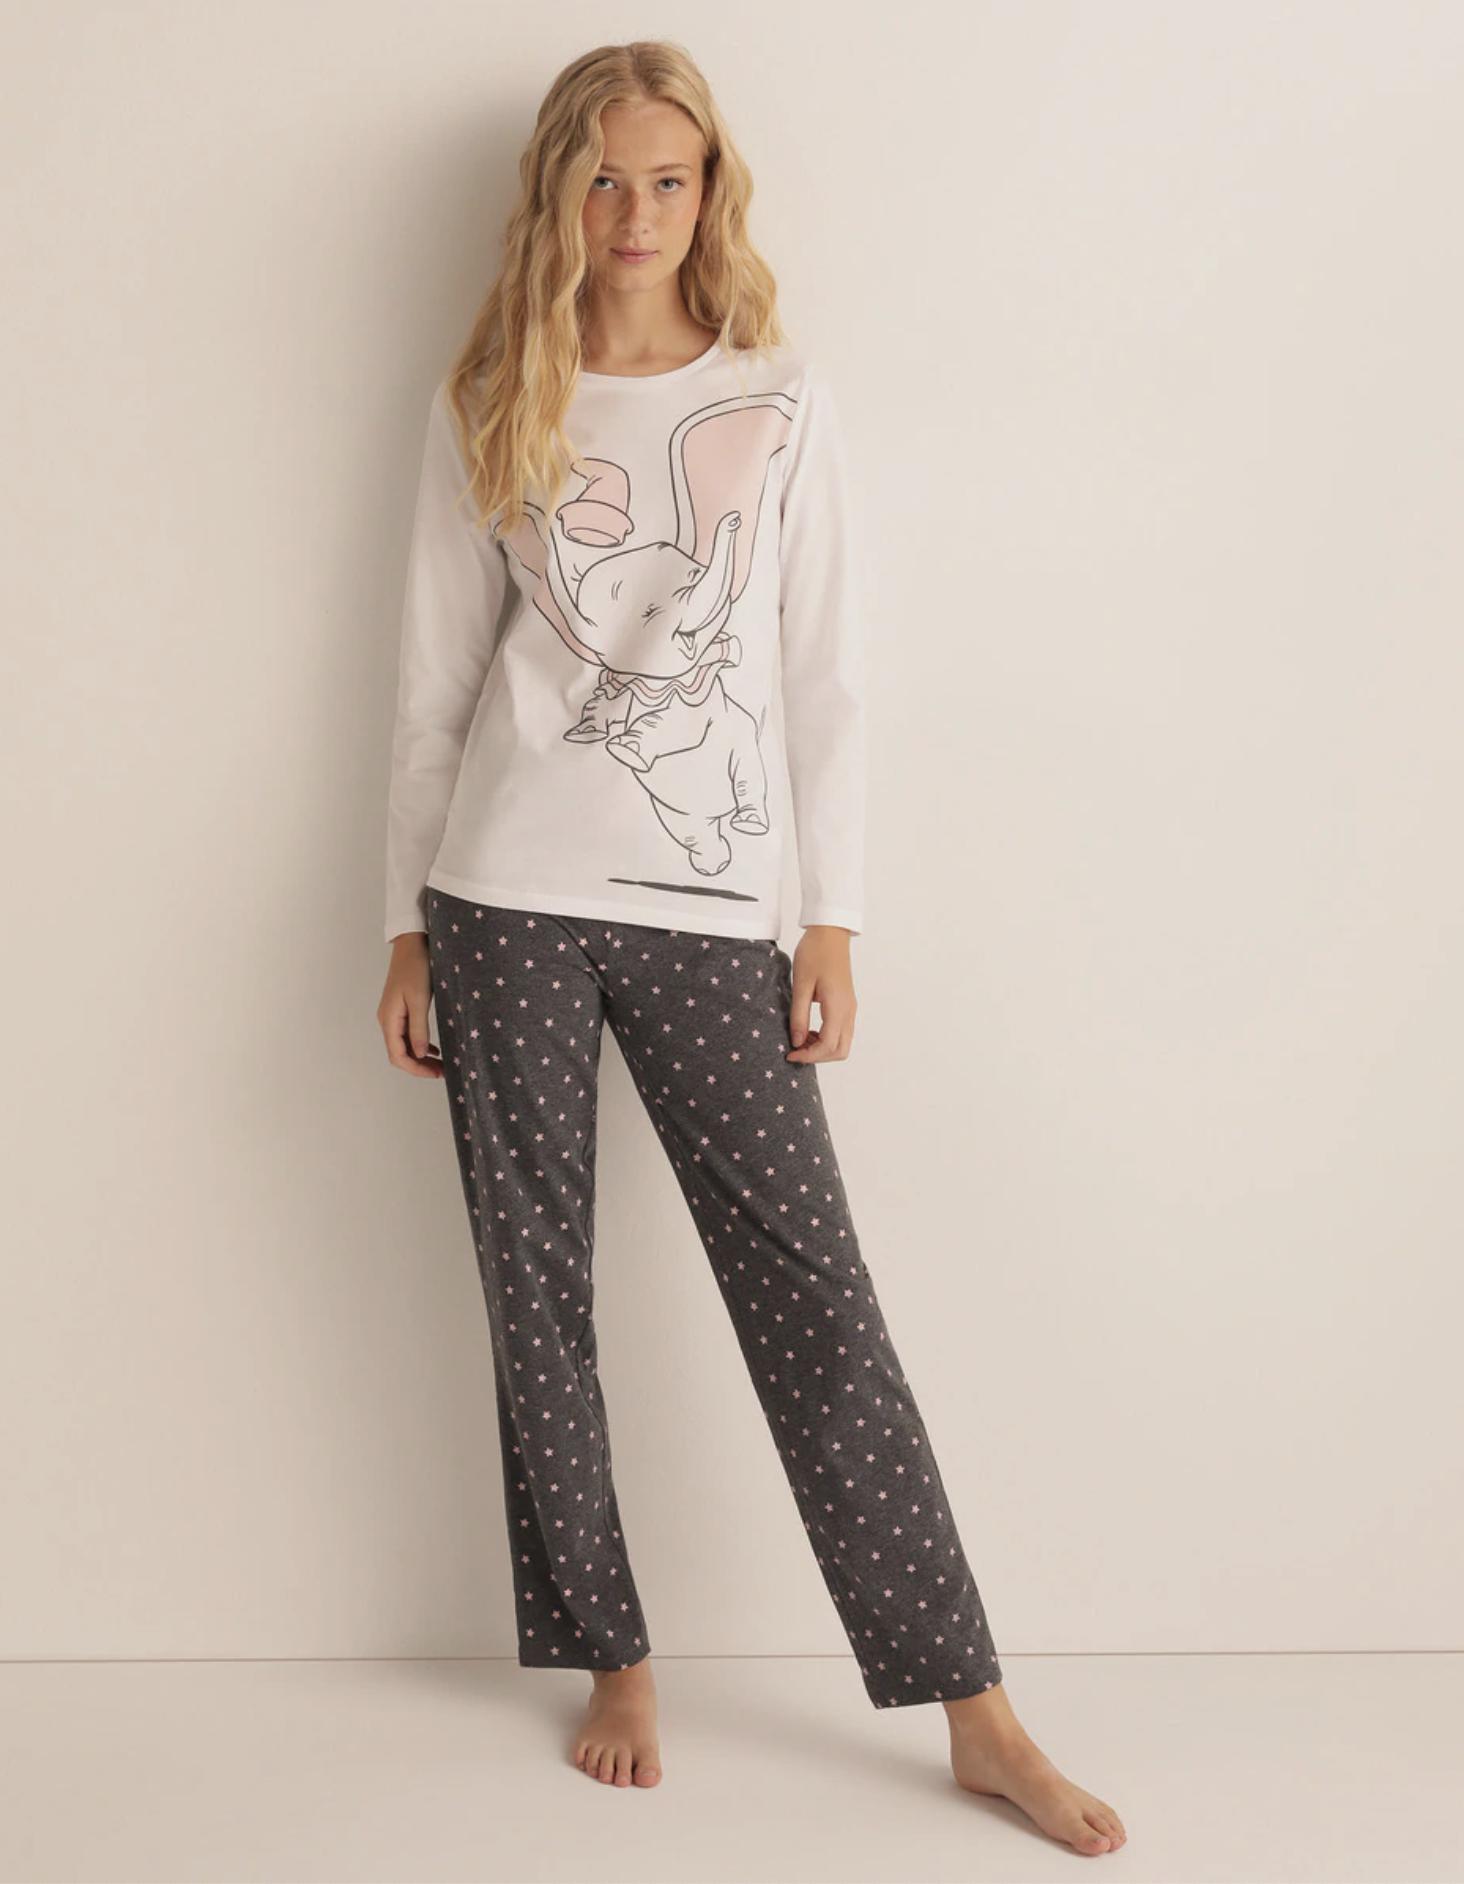 Pijama largo de mujer bicolor de Dumbo